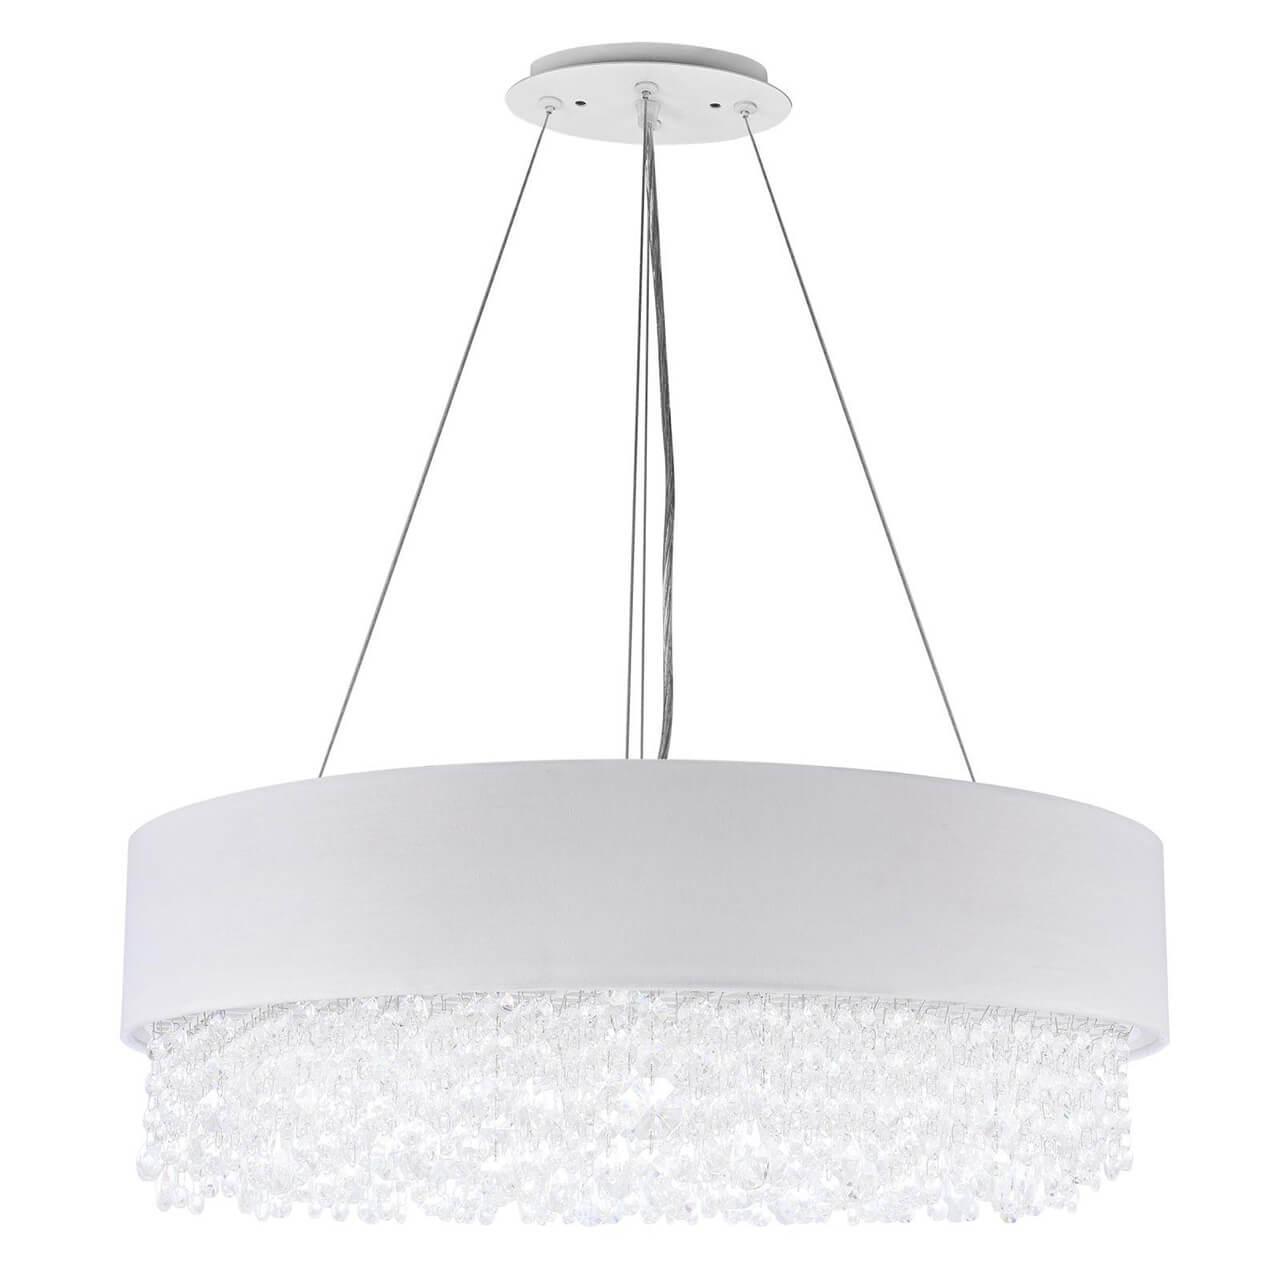 Купить настольные лампы Citilux в интернет магазине Лидер